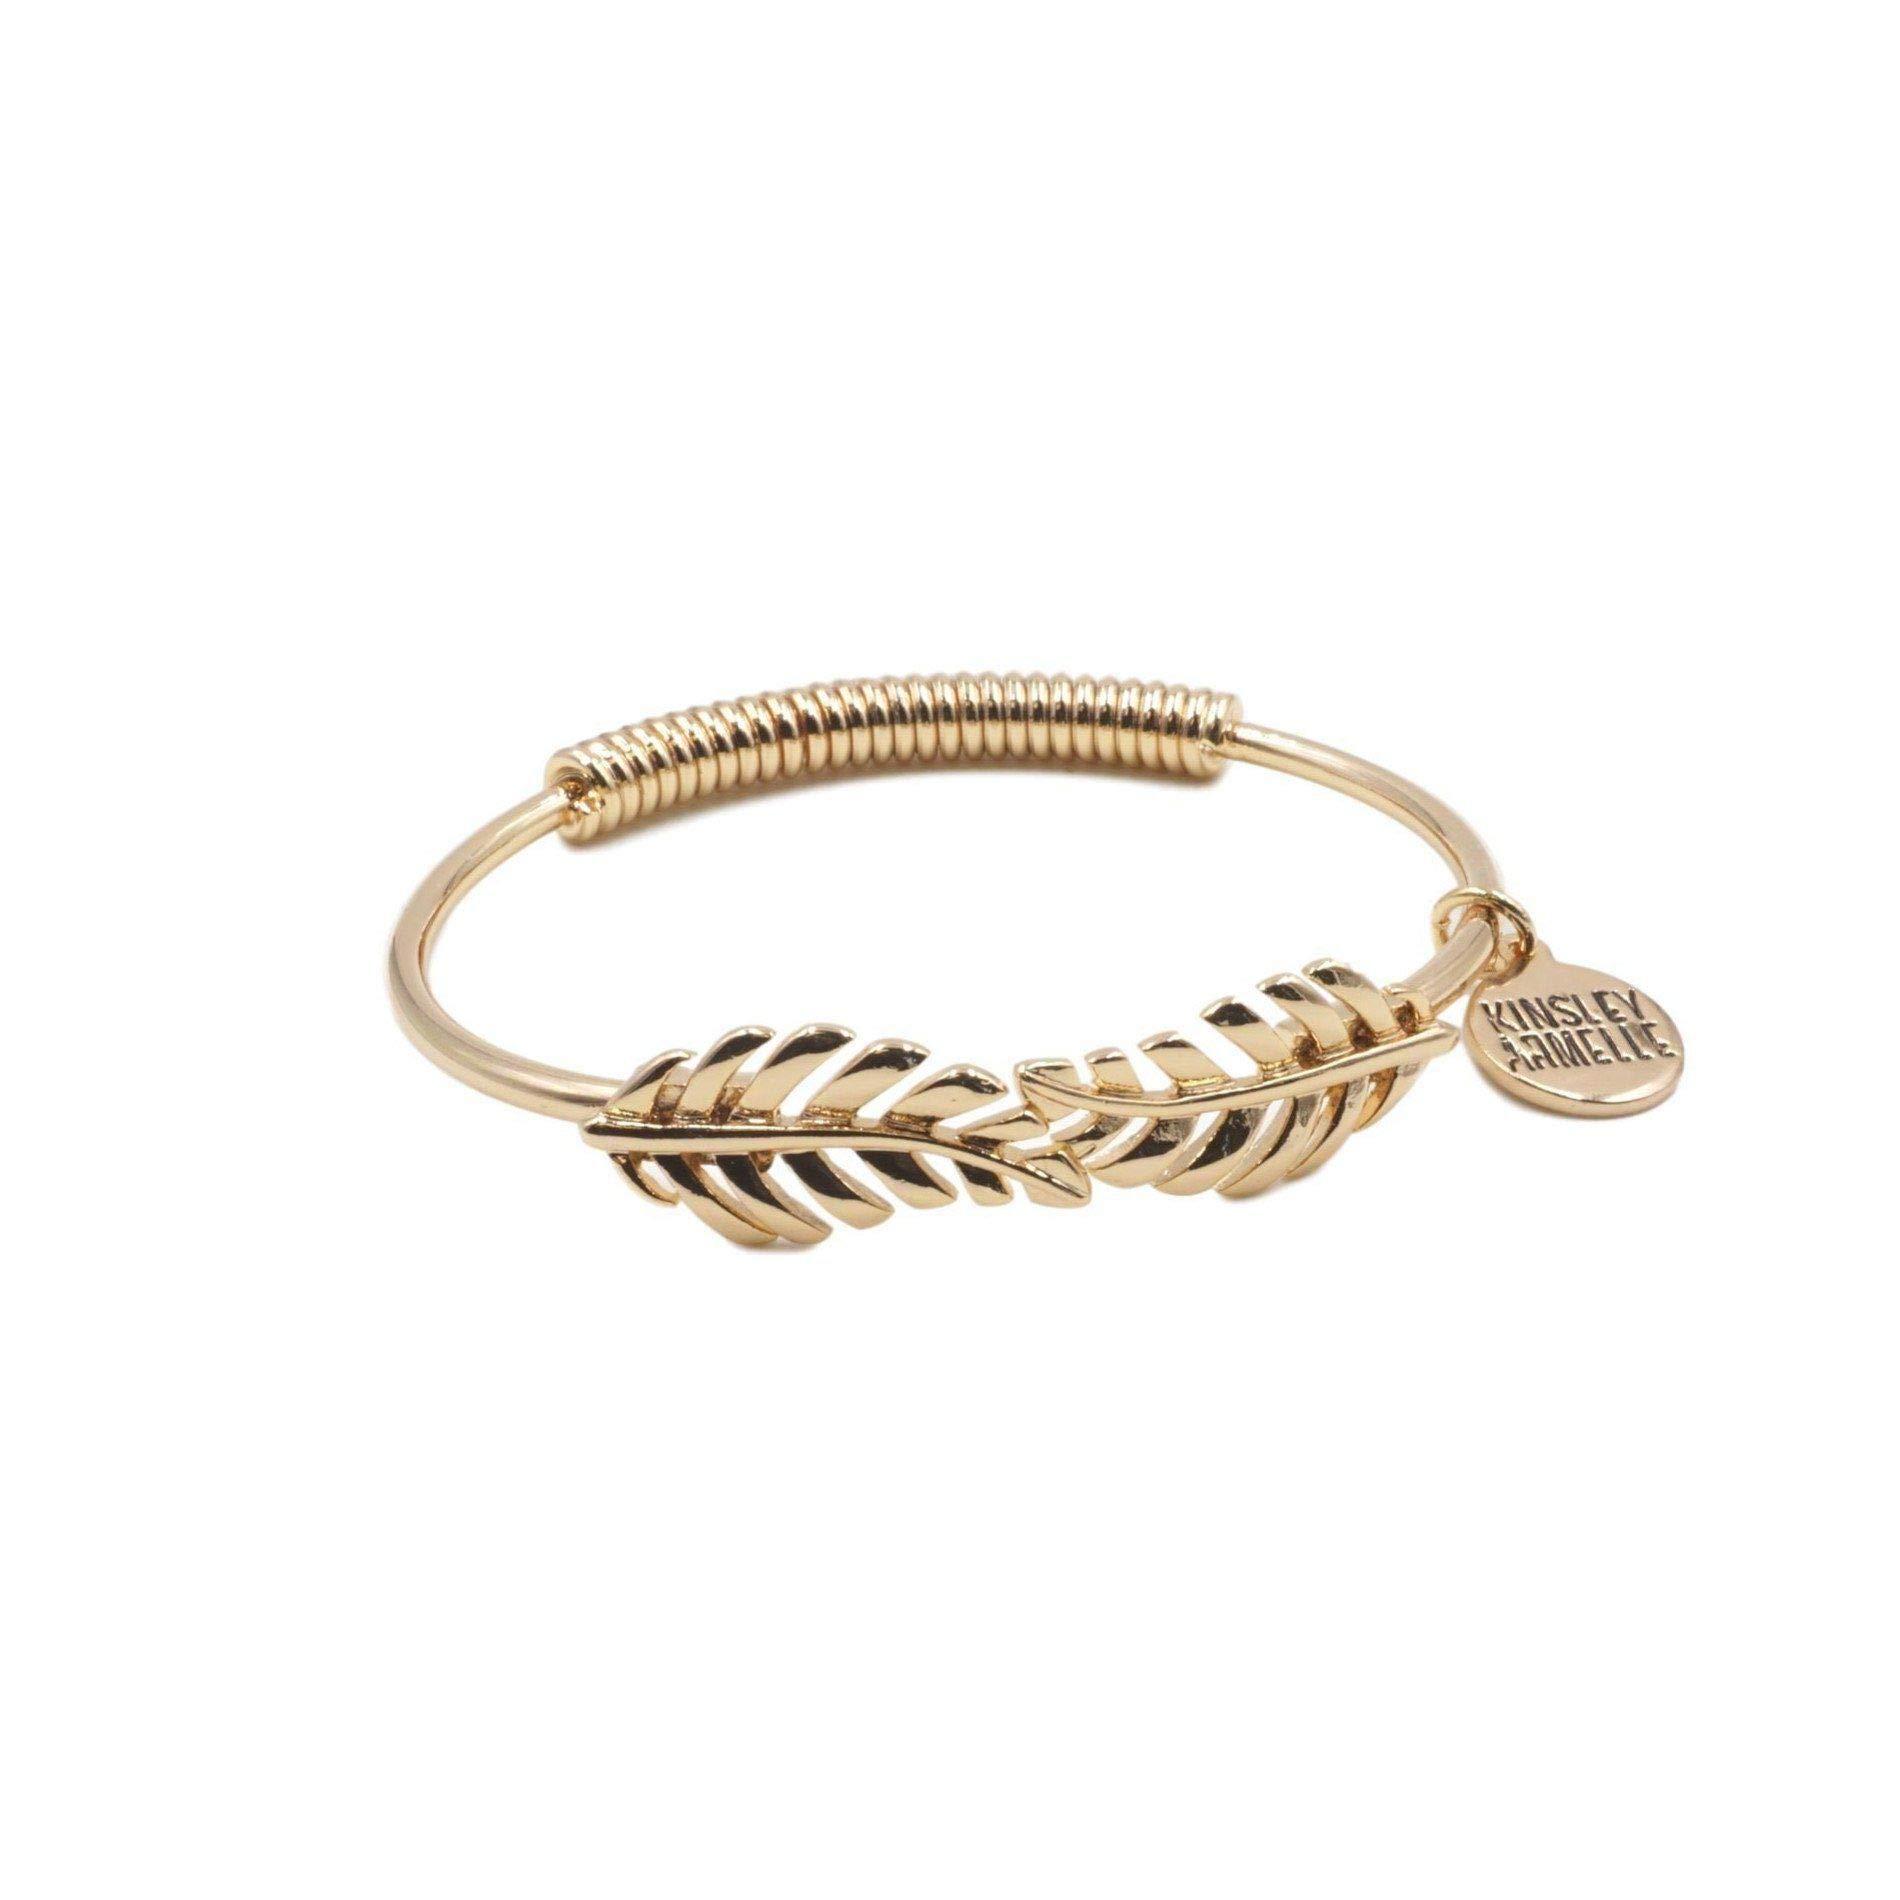 Kinsley Armelle Goddess Collection - Laurel Leaf Bracelet